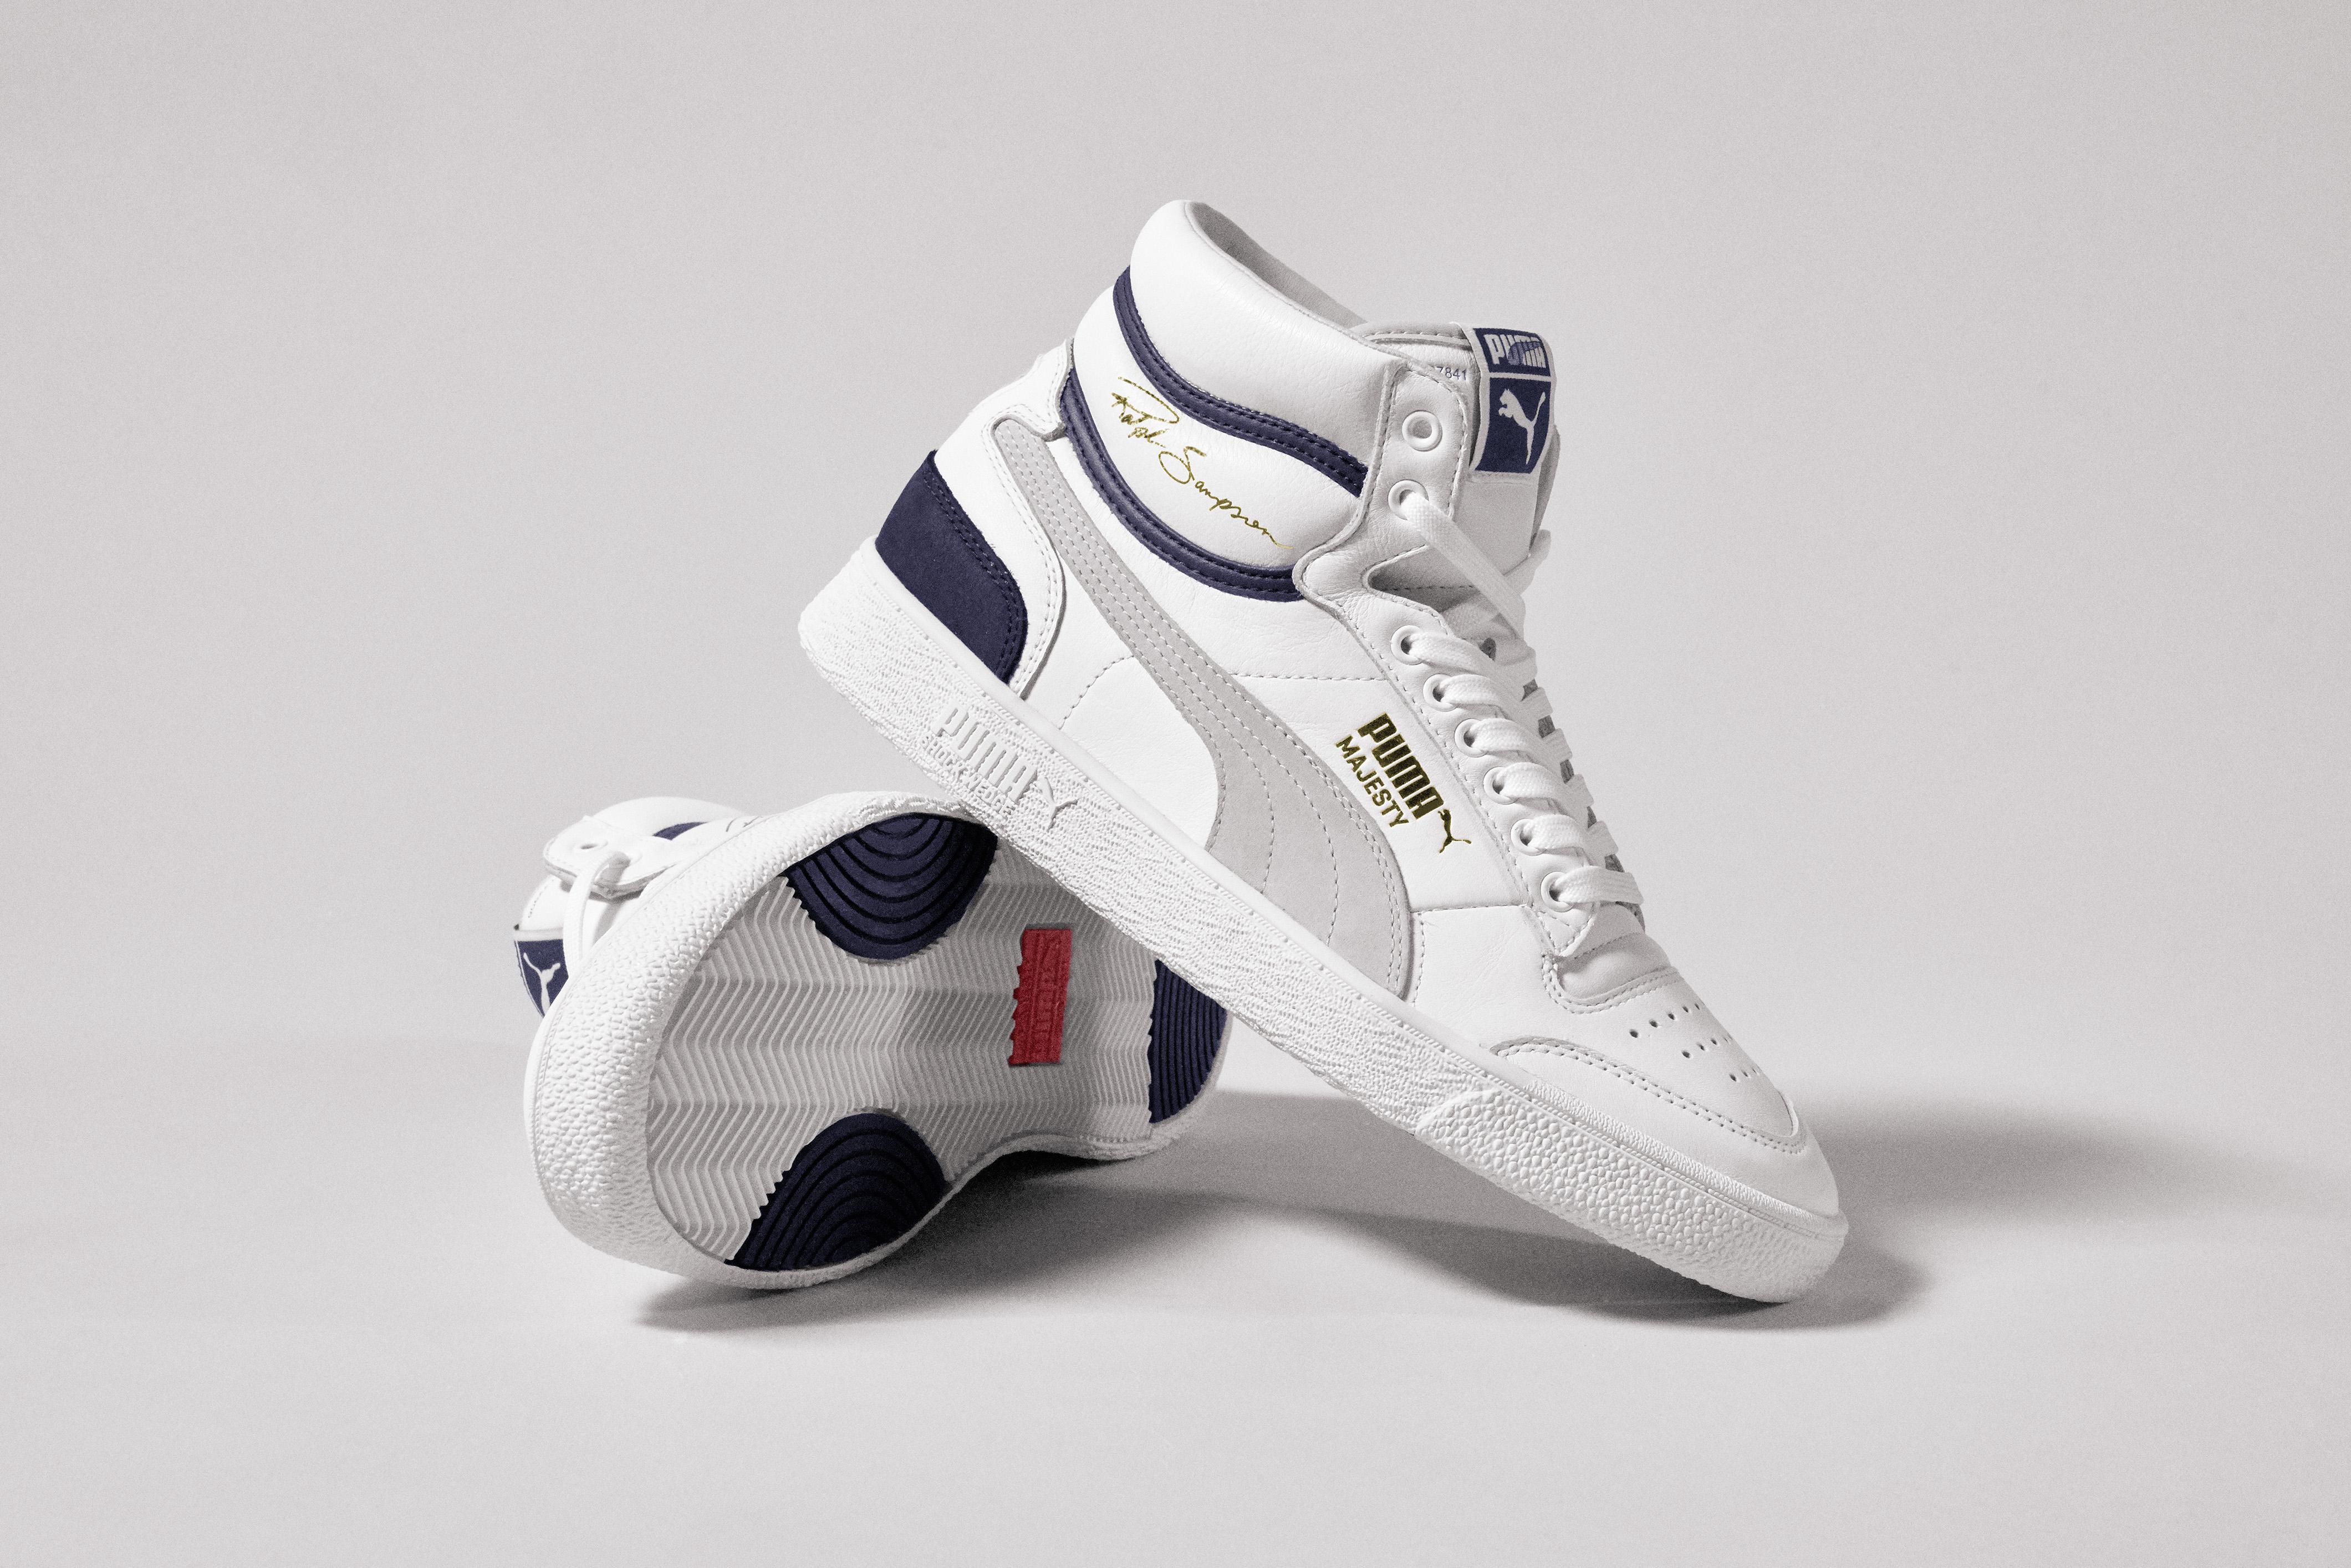 PUMA Ralph Sampson OG Sneaker Style